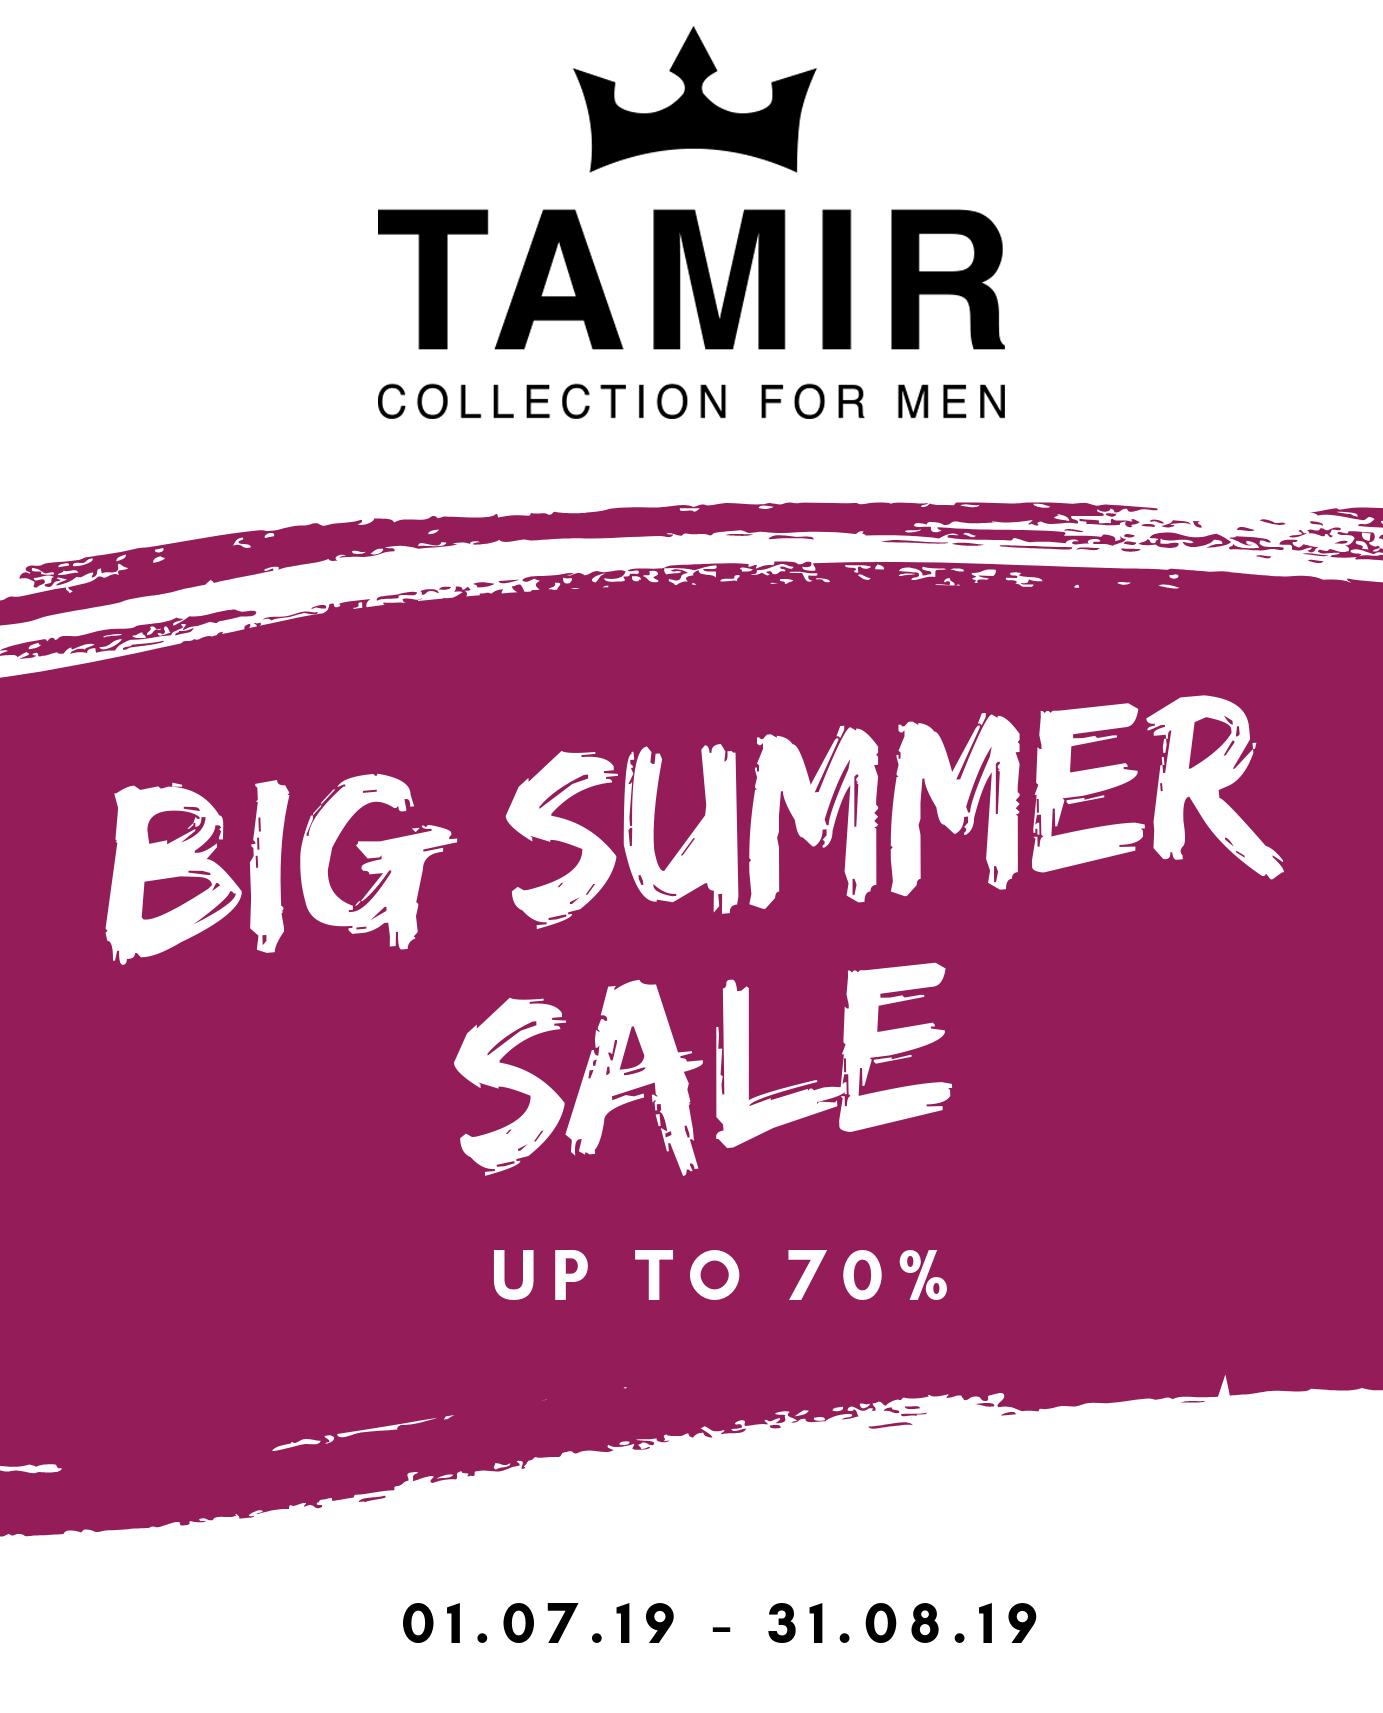 BIG SUMMER SALE во всей сети магазинов ТМ «TAMIR»!